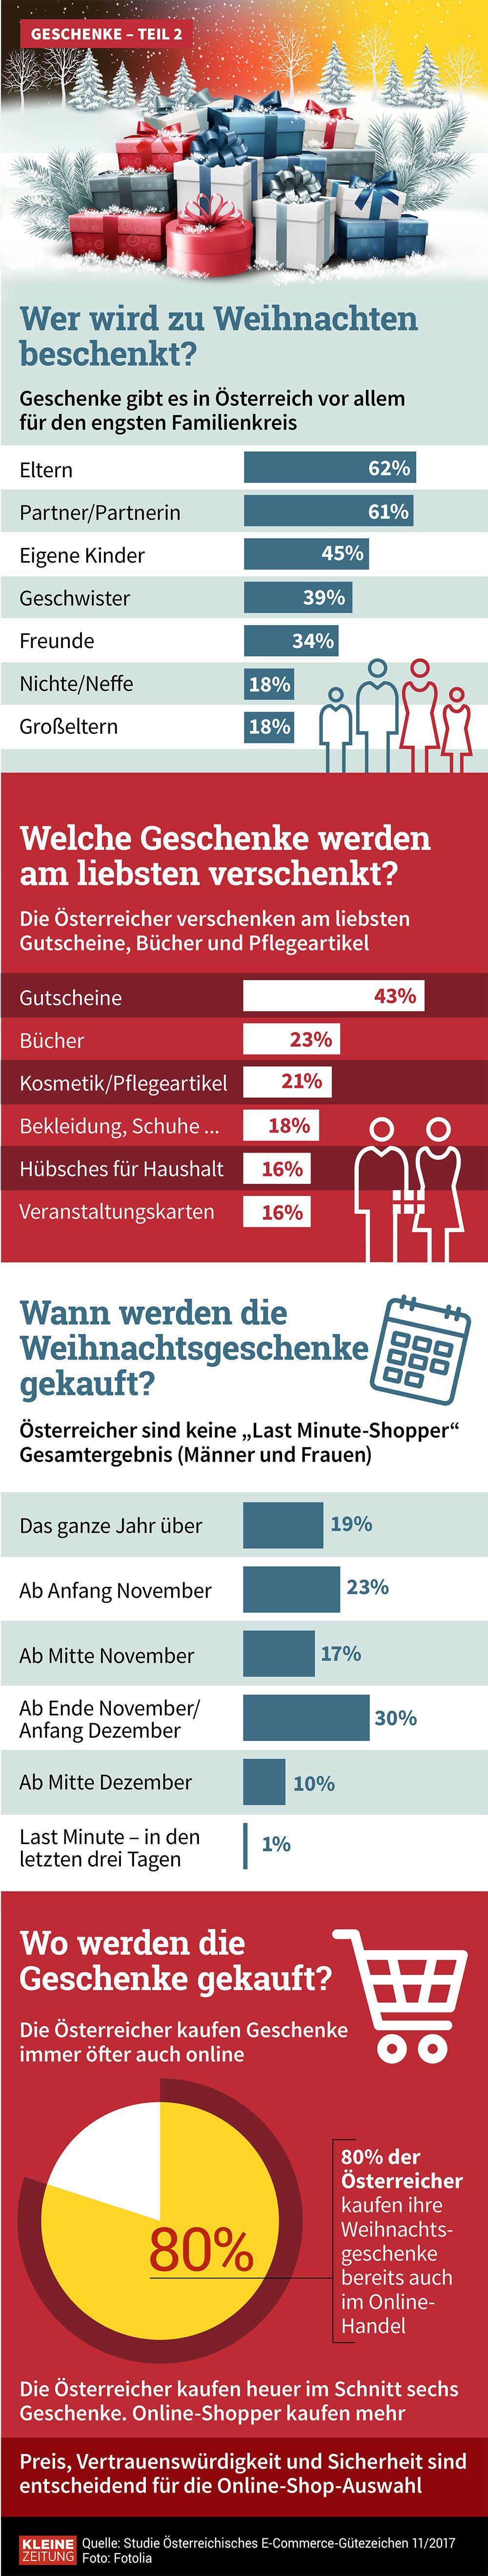 Grafik des Tages: Das schenken Österreicher zu Weihnachten ...